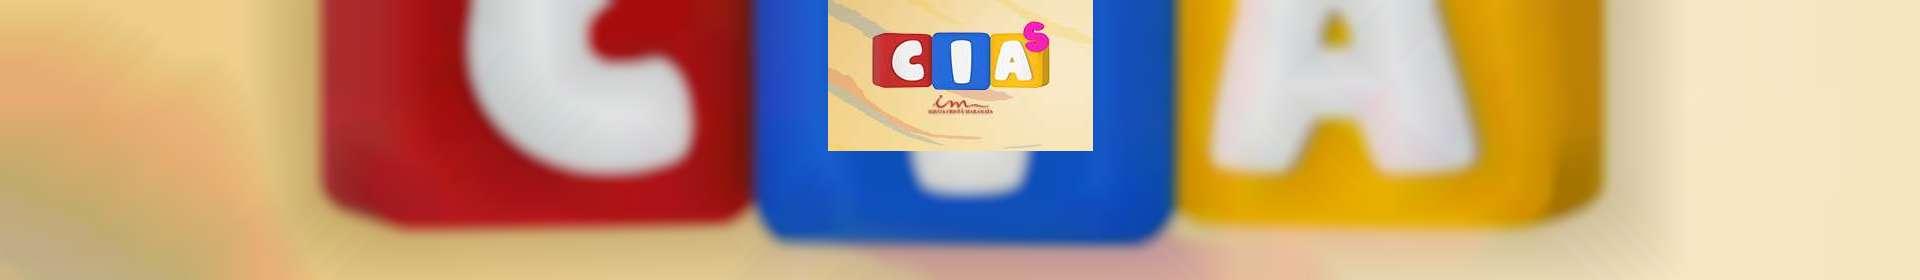 Aula de CIAS: classe de 3 a 7 anos - 16de julho de 2020